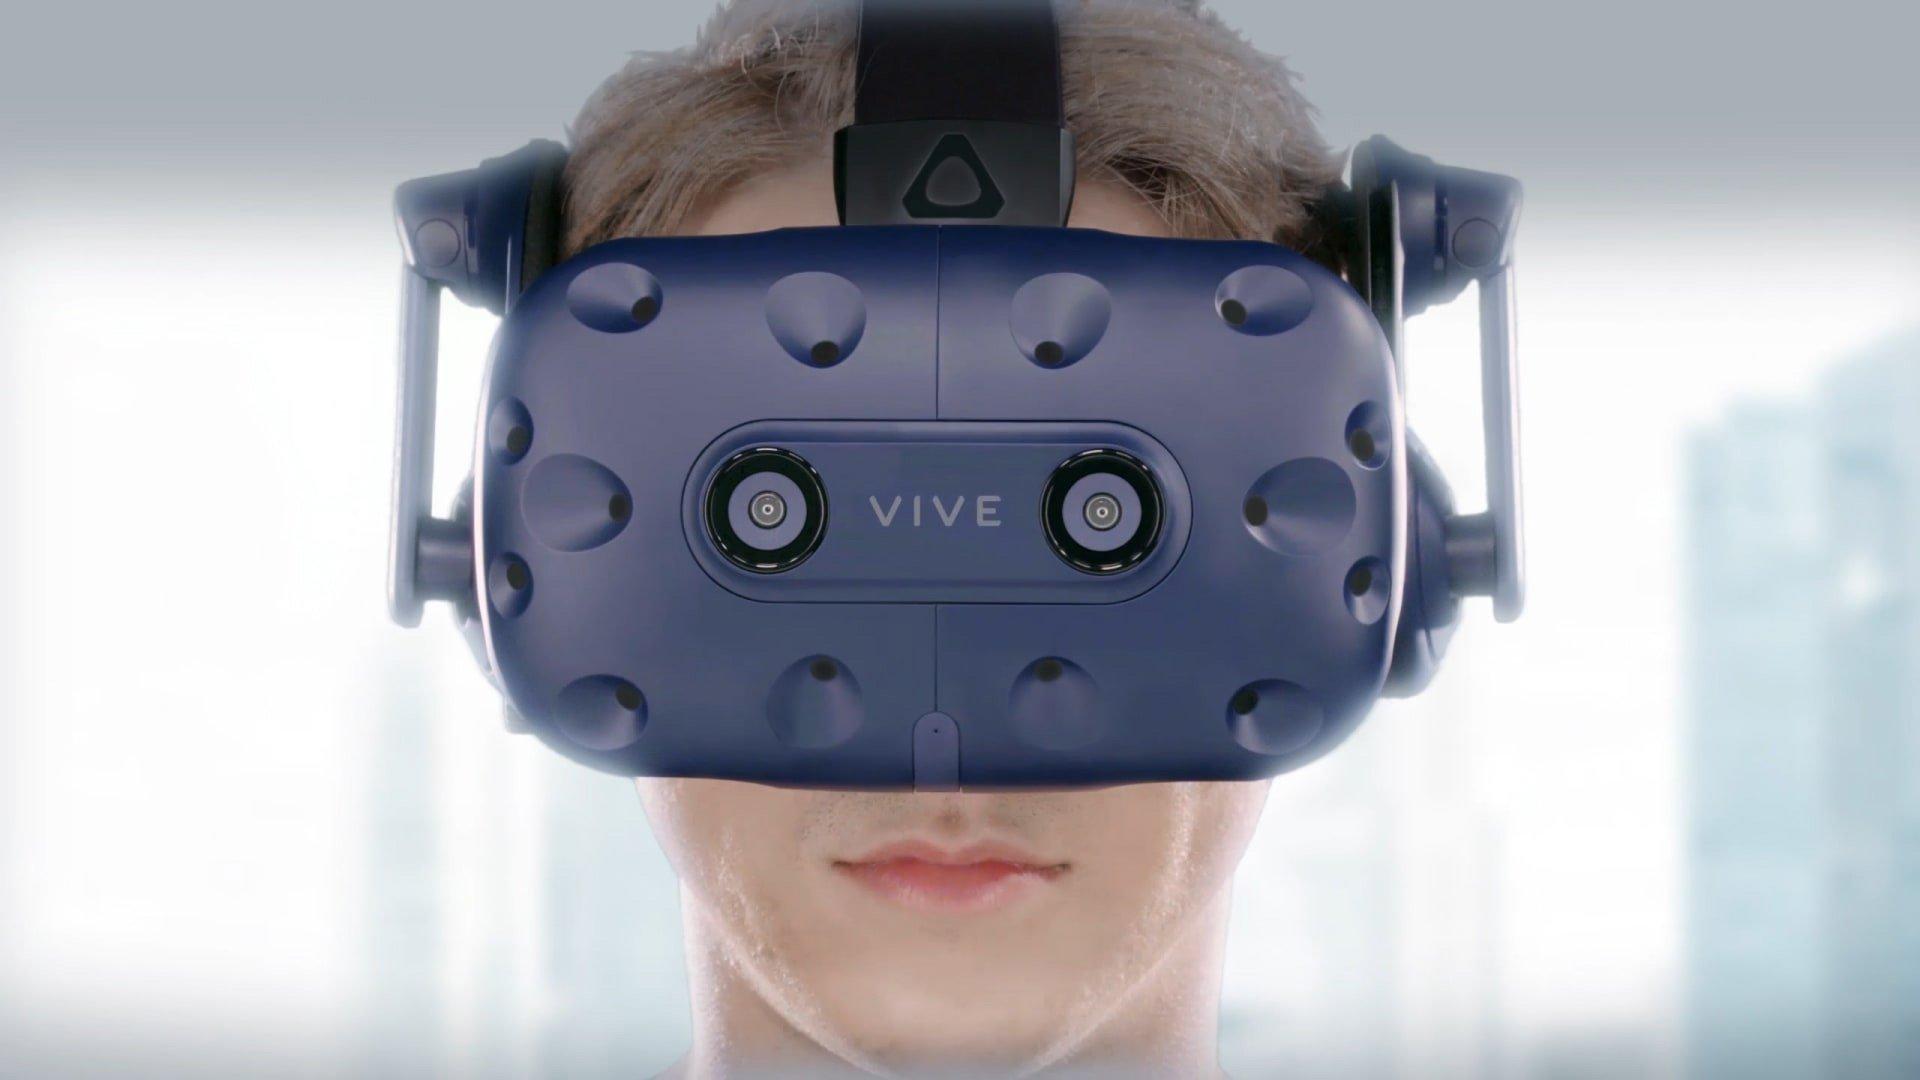 HTC ajoute le suivi oculaire avec Vive Pro Eye